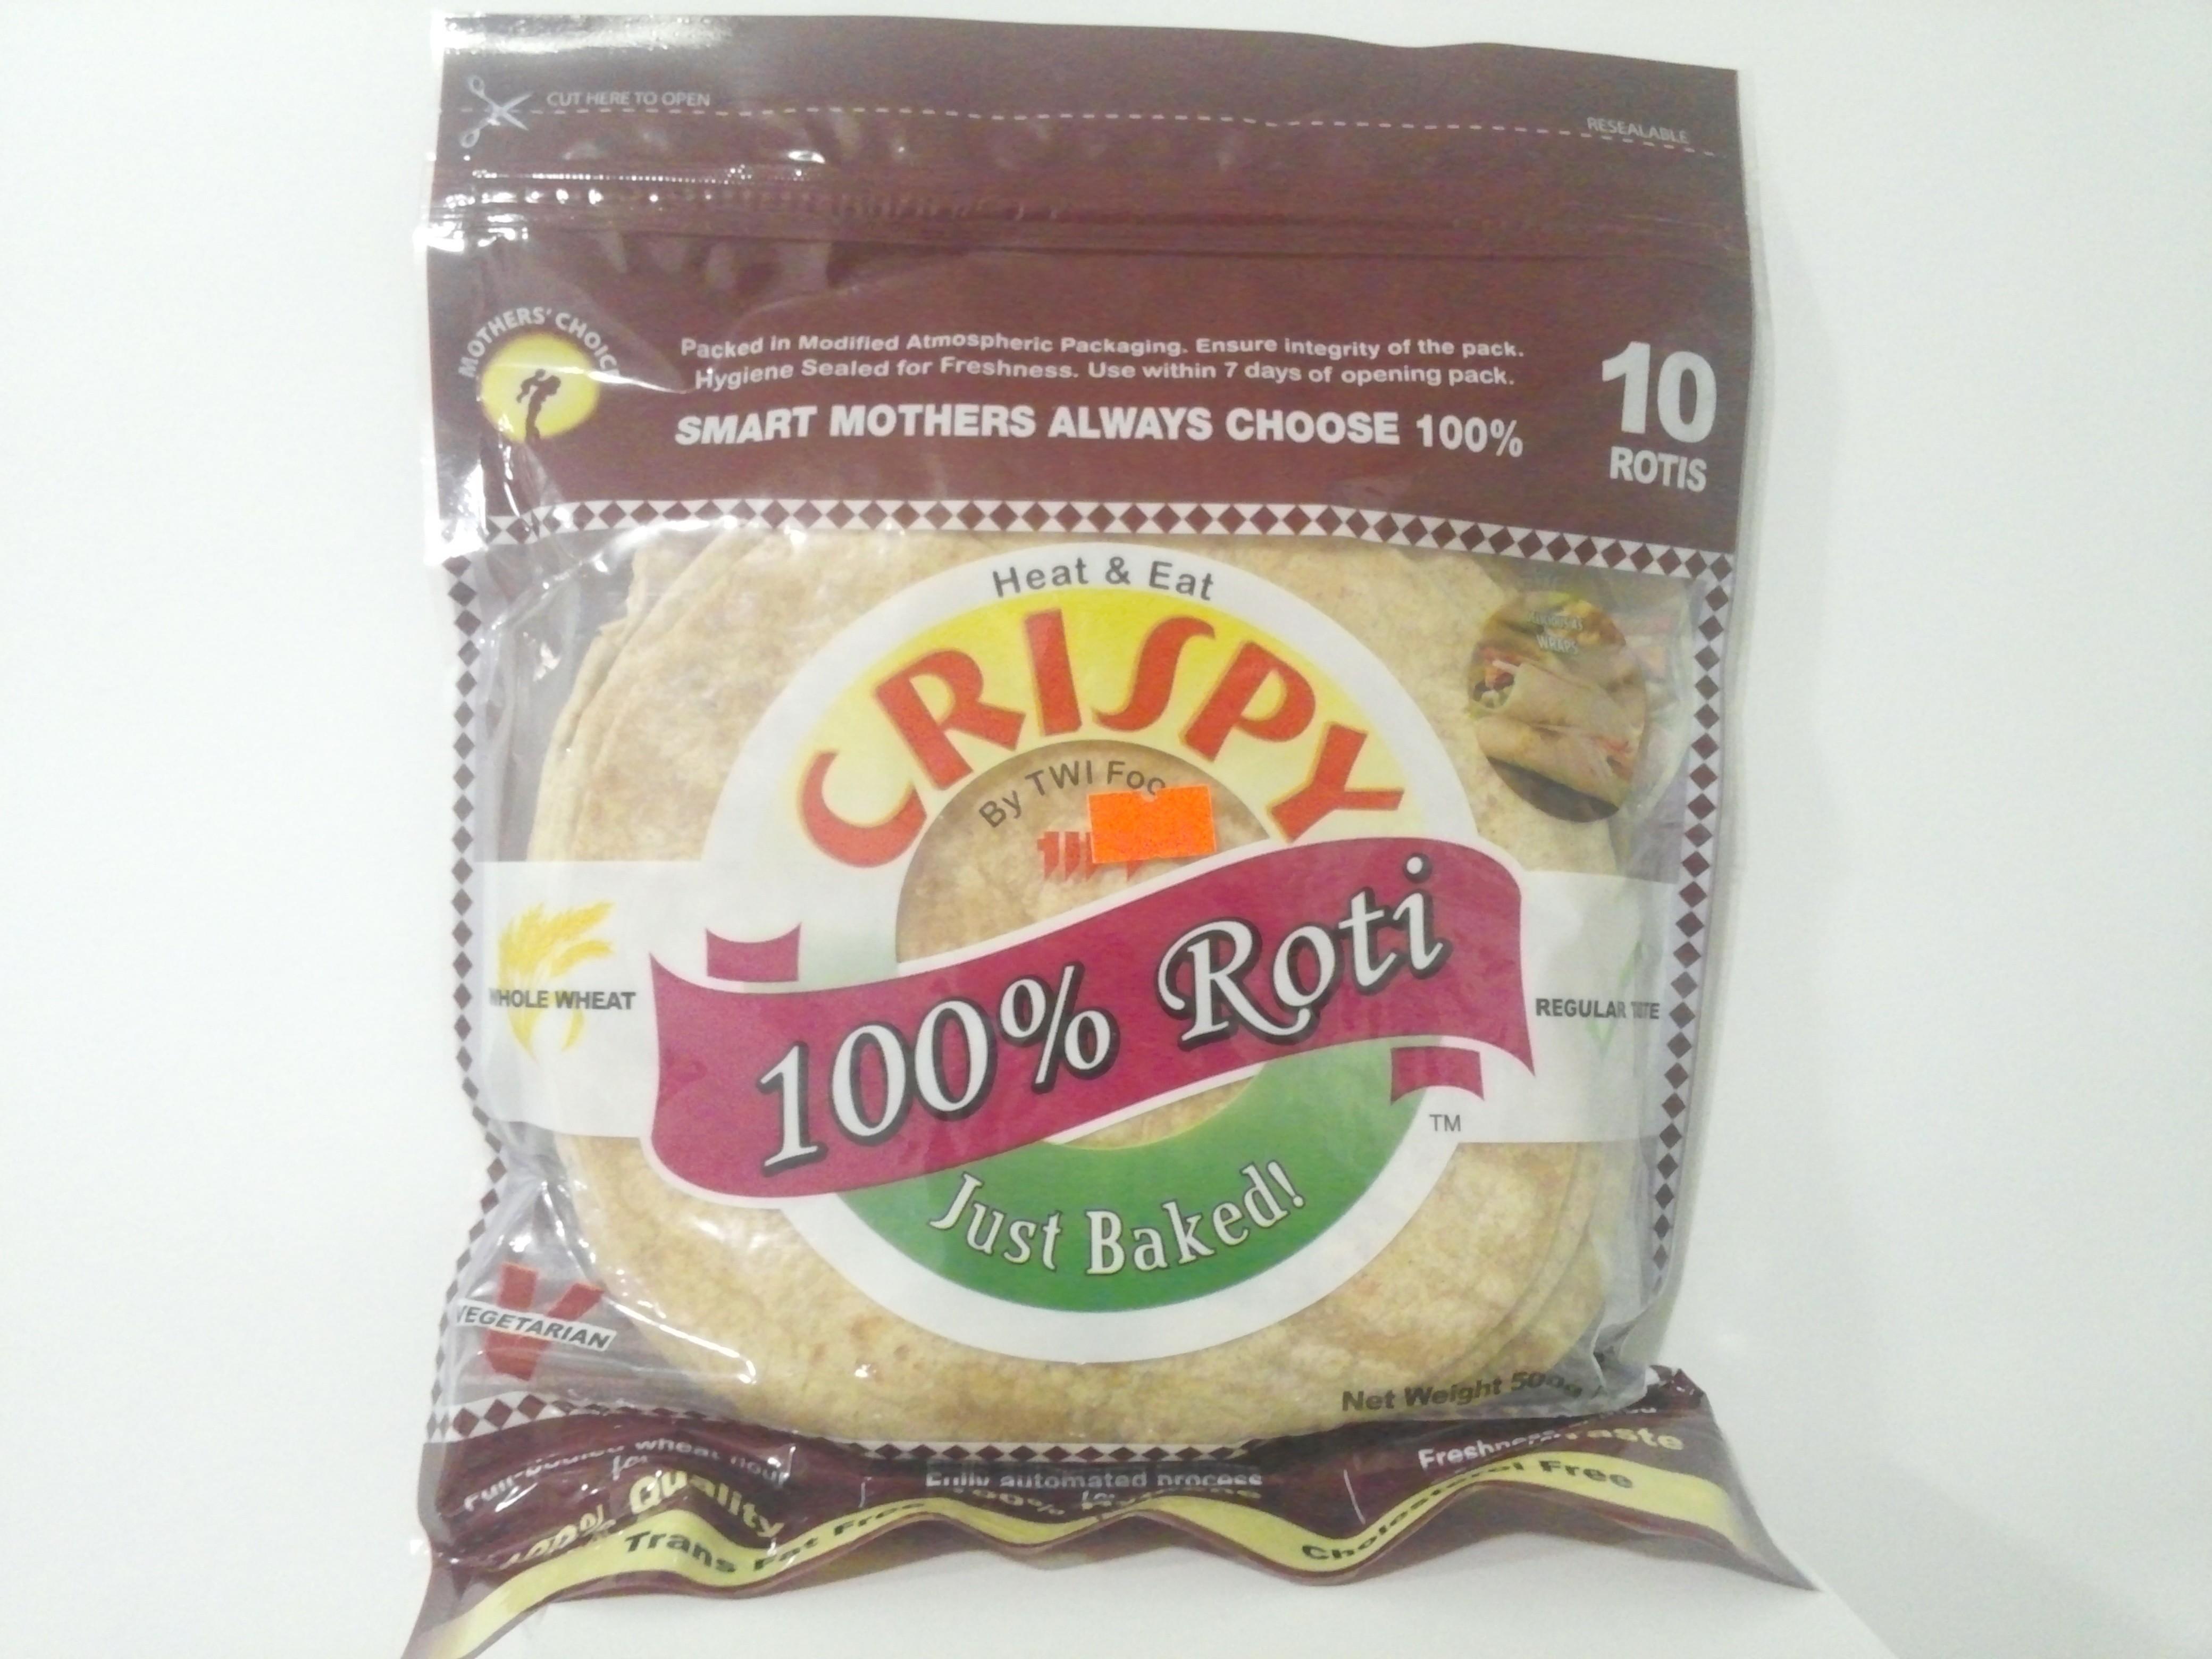 Crispy Whole Wheat Roti 10 Pcs 1.6 oz